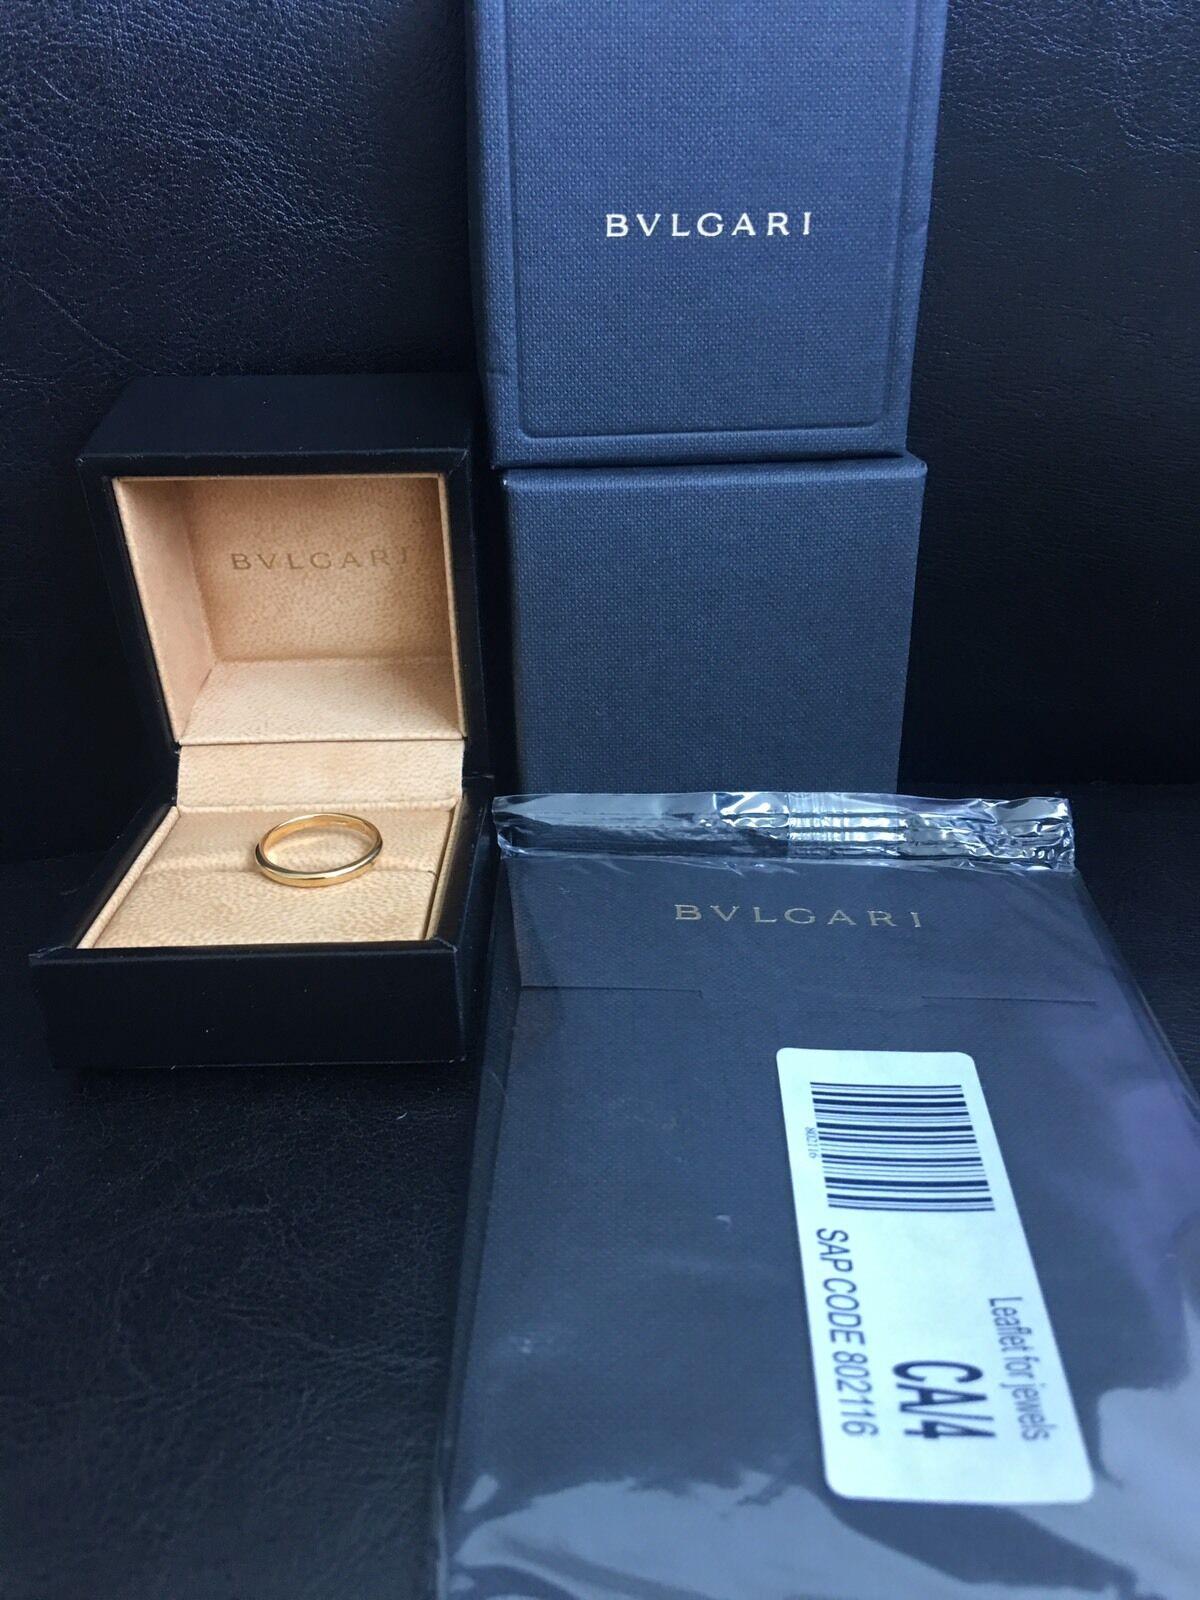 Bvlgari Wedding Ring 18k Yellow gold AN214701 328363 Ring Sz 10.75MSRP  700